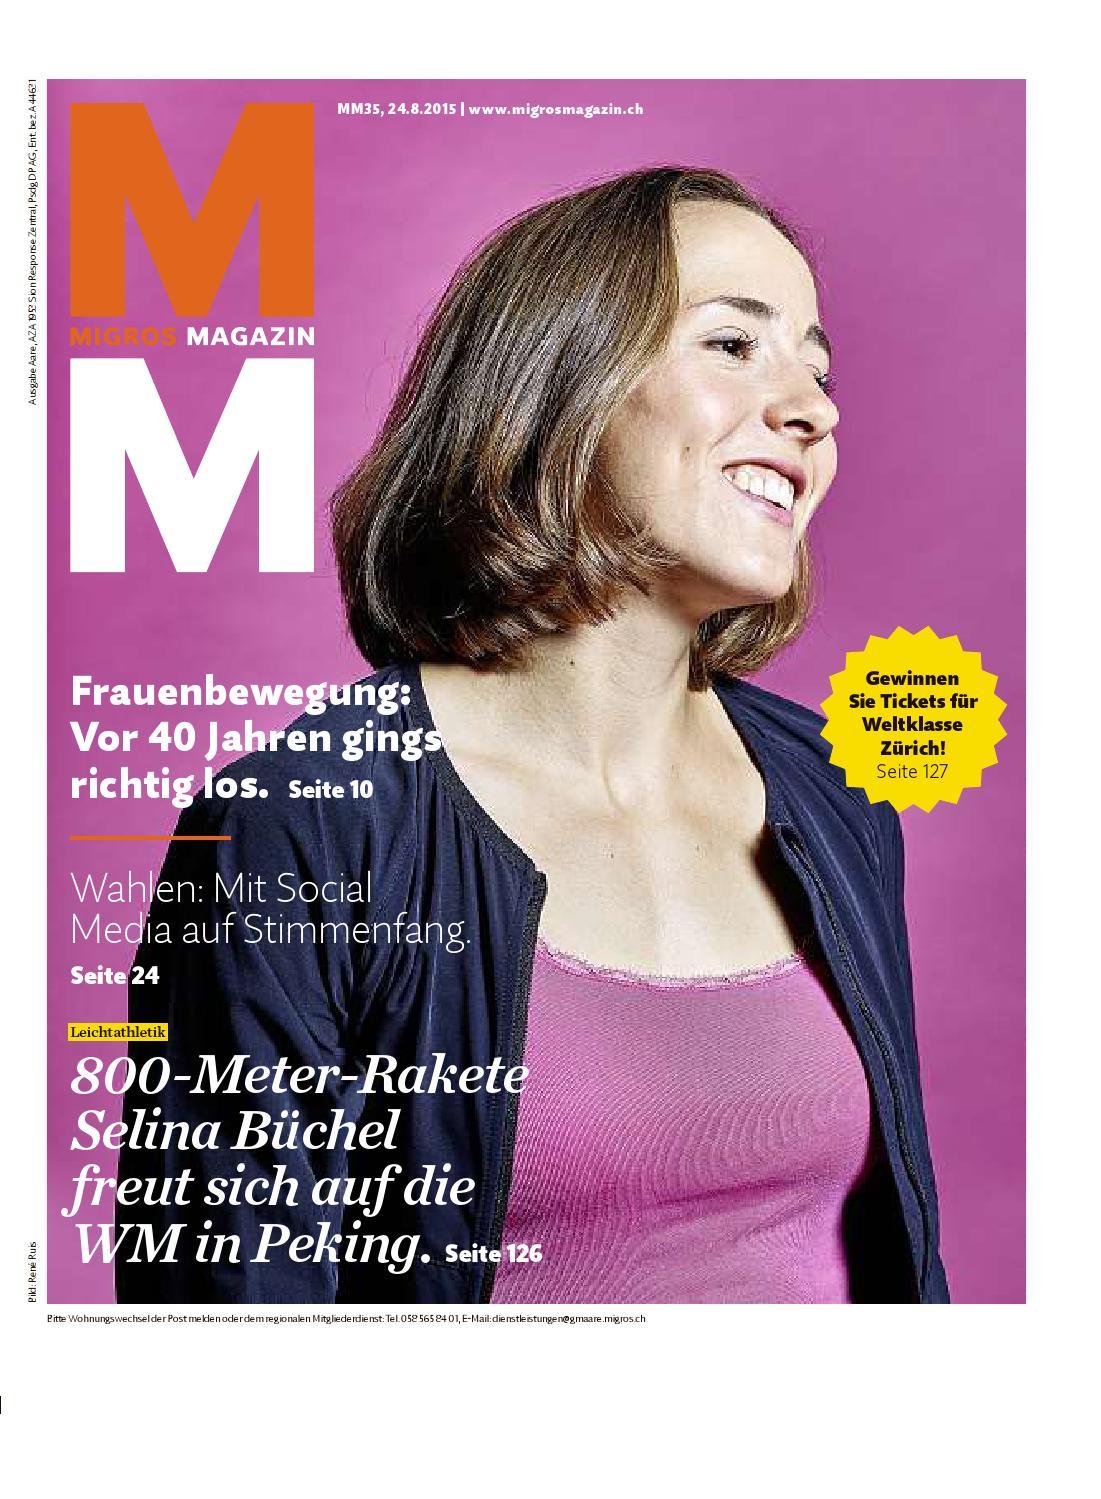 Migros magazin 35 2015 d aa by Migros-Genossenschafts-Bund - issuu